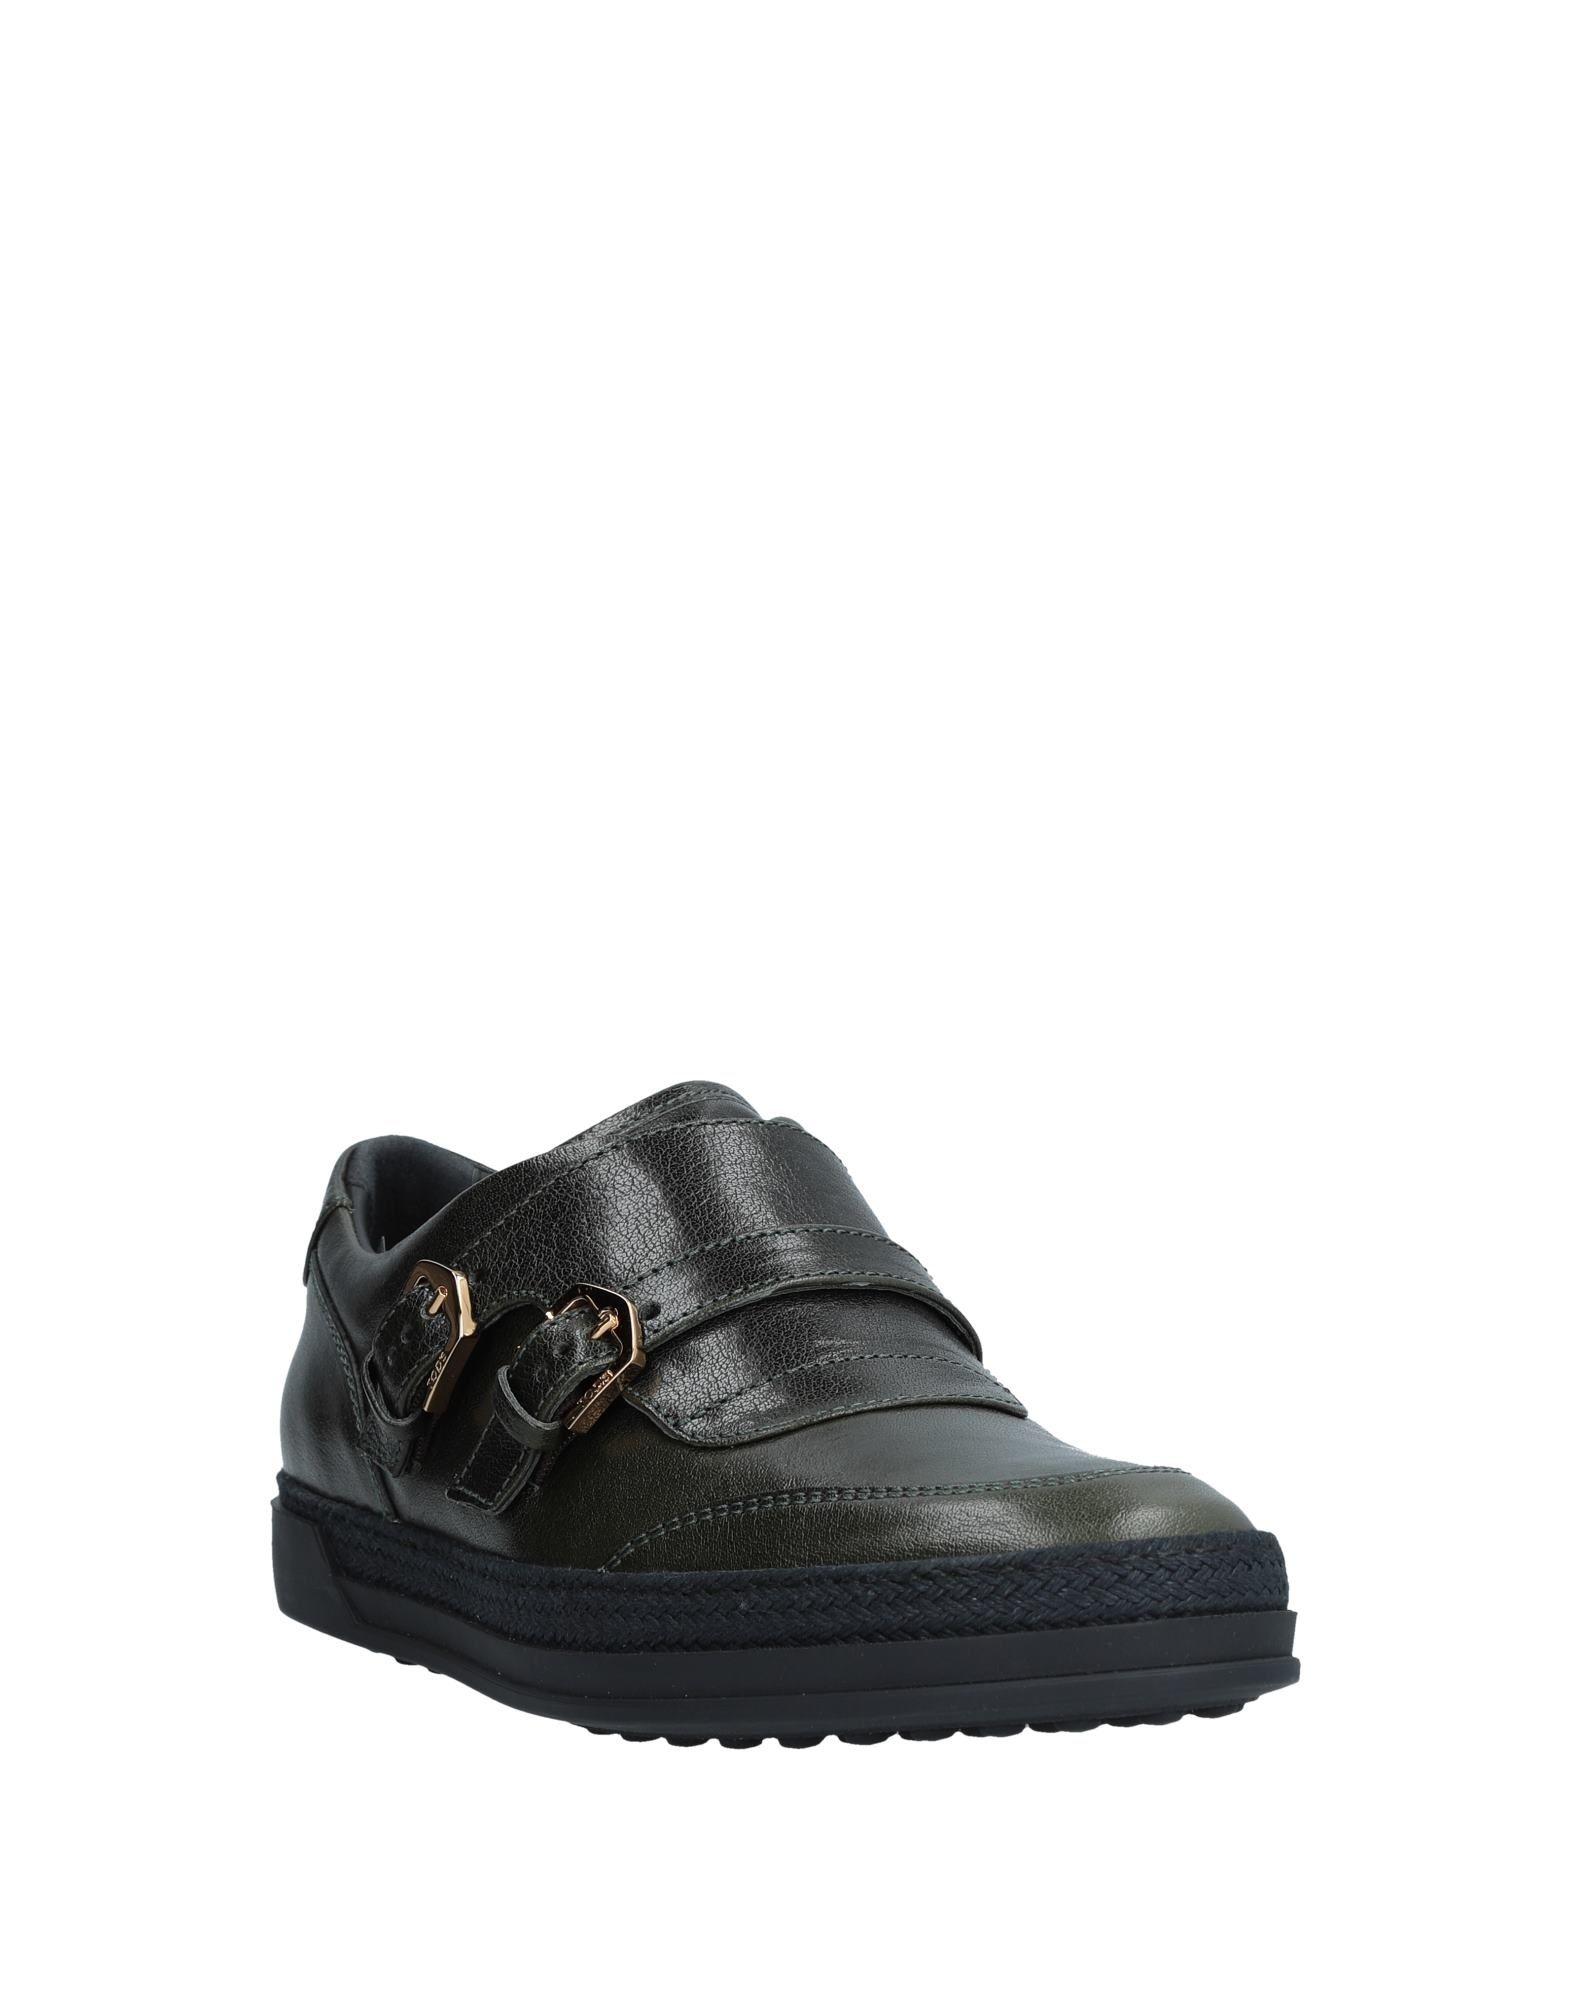 Tod's Sneakers Damen gut  11541207EAGünstige gut Damen aussehende Schuhe c16b00